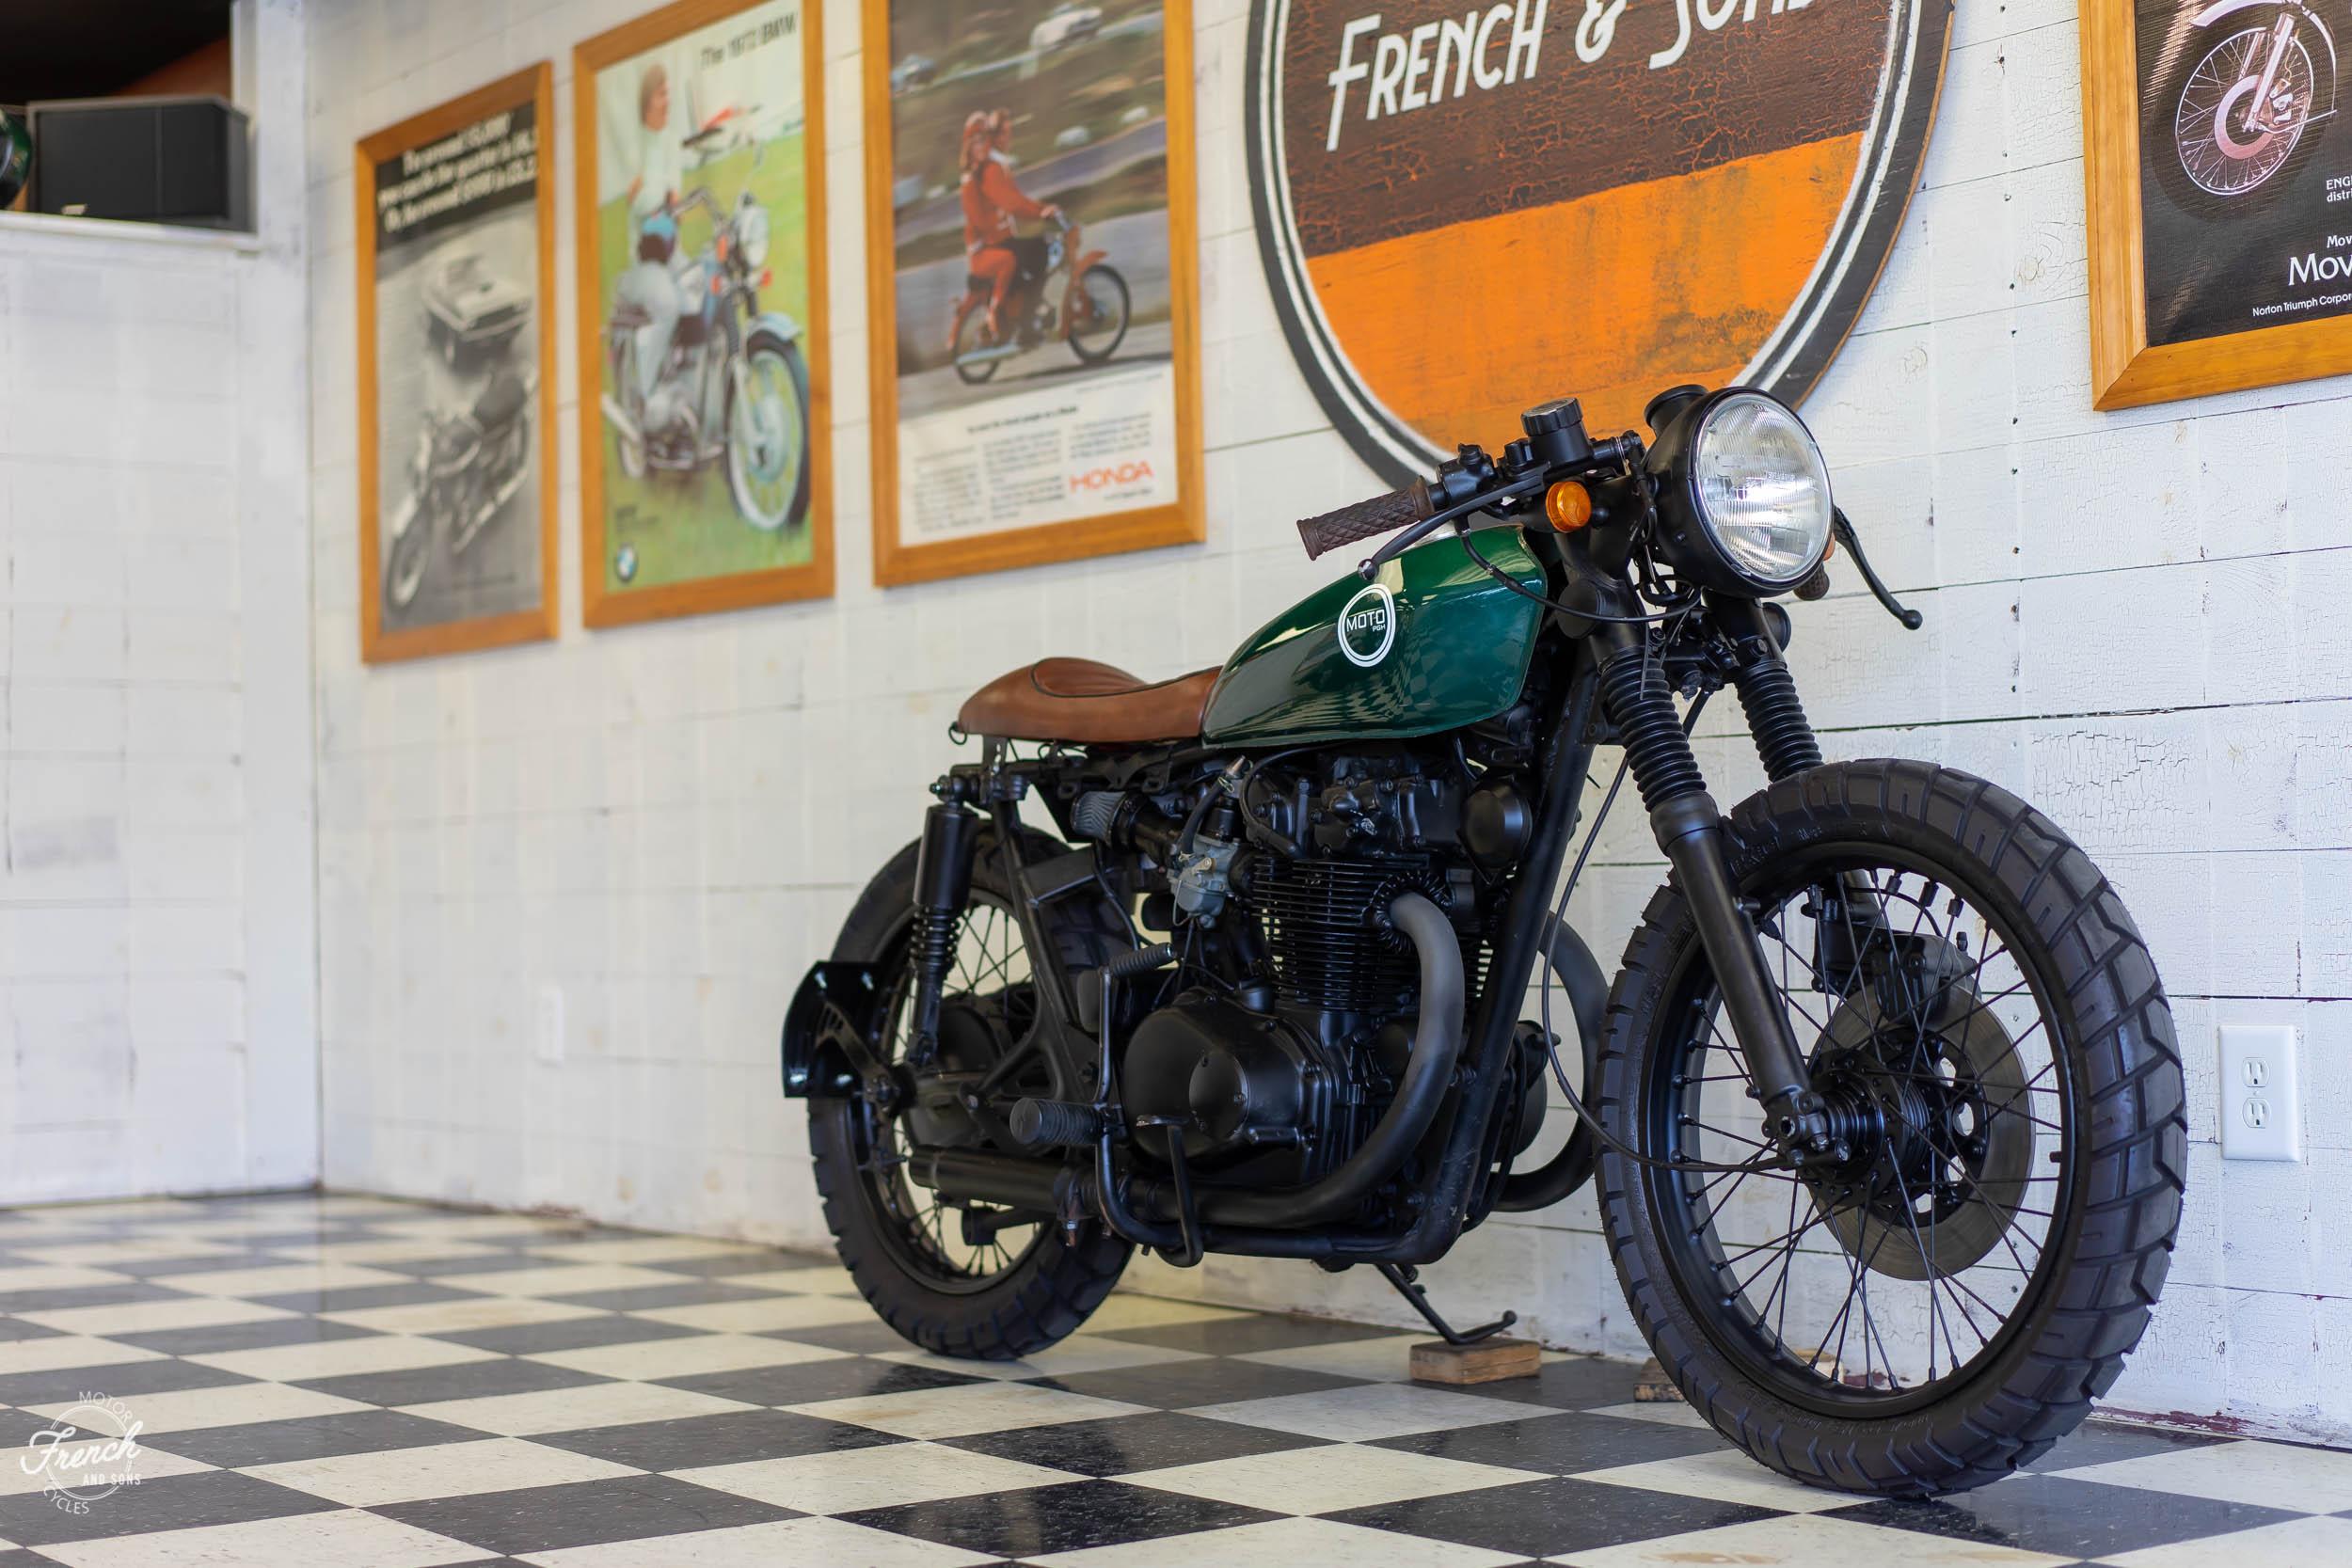 1974_honda_cb450_cafe_racer-6.jpg